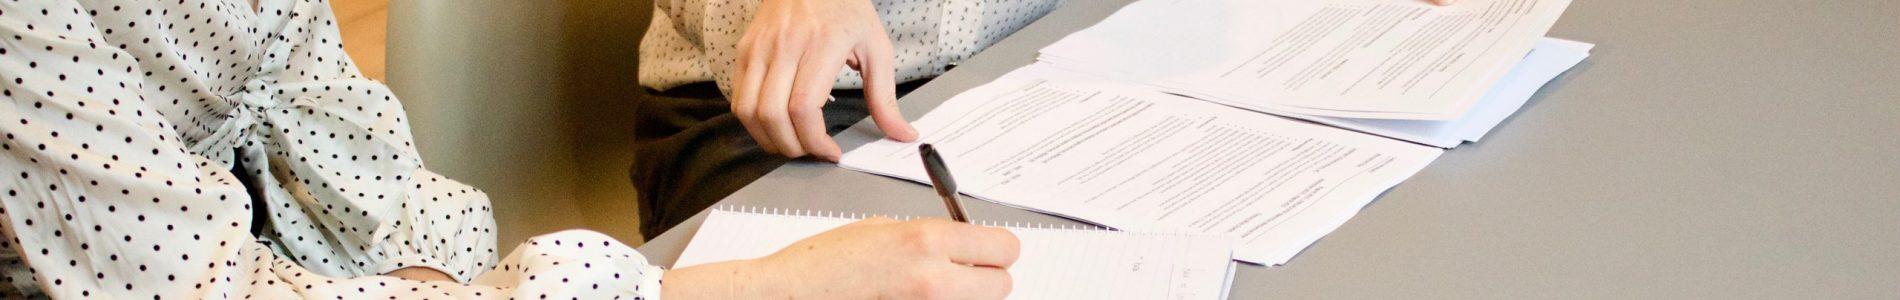 Verslo apskaitos sprendimai, UAB | vasprendimai.com | Apskaita